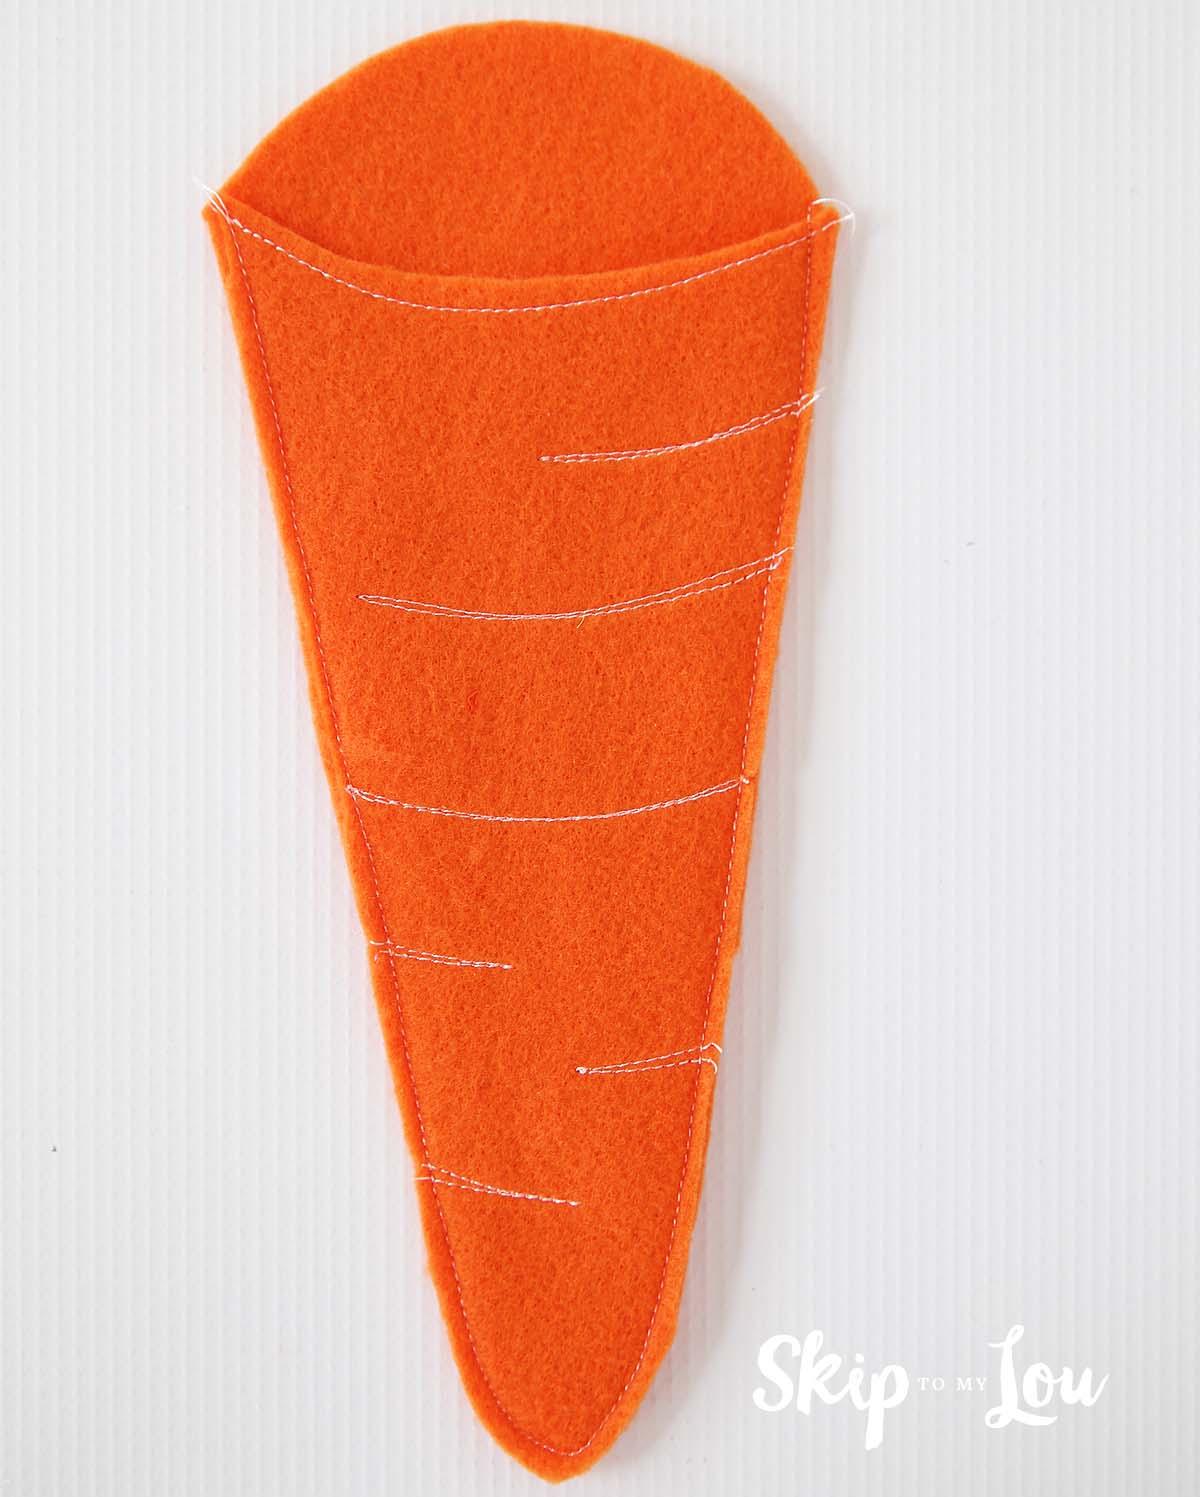 Пенал из фетра-сшейте оранжевые детали вместе